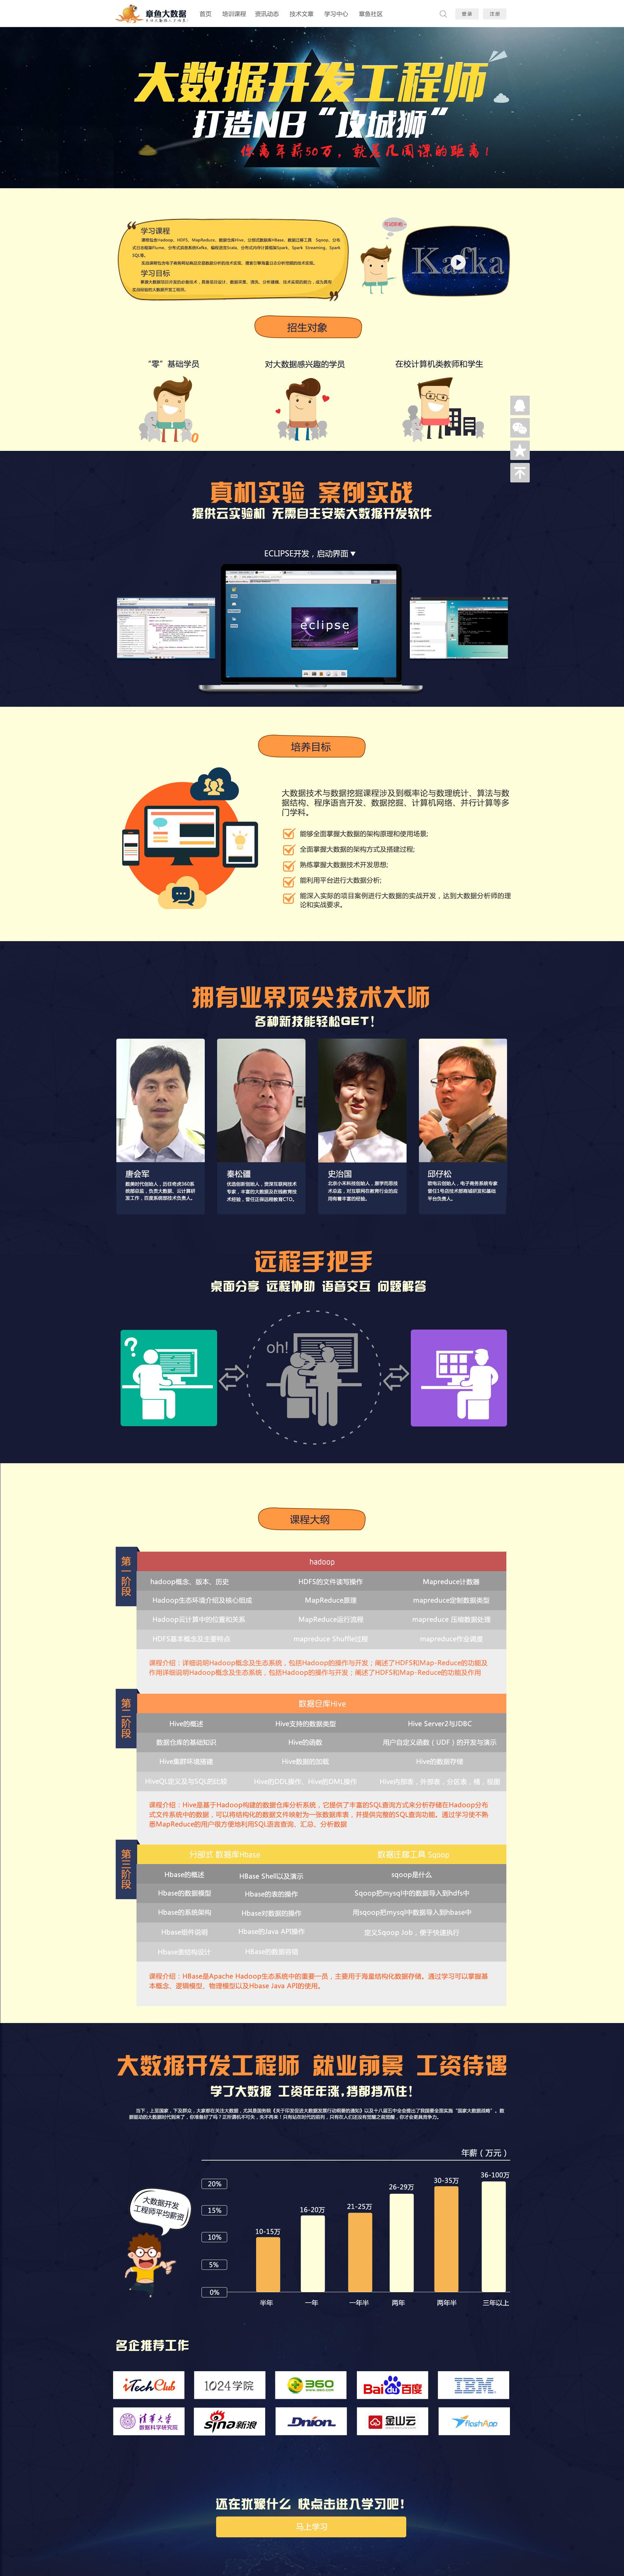 大数据开发工程师 网页界面设计